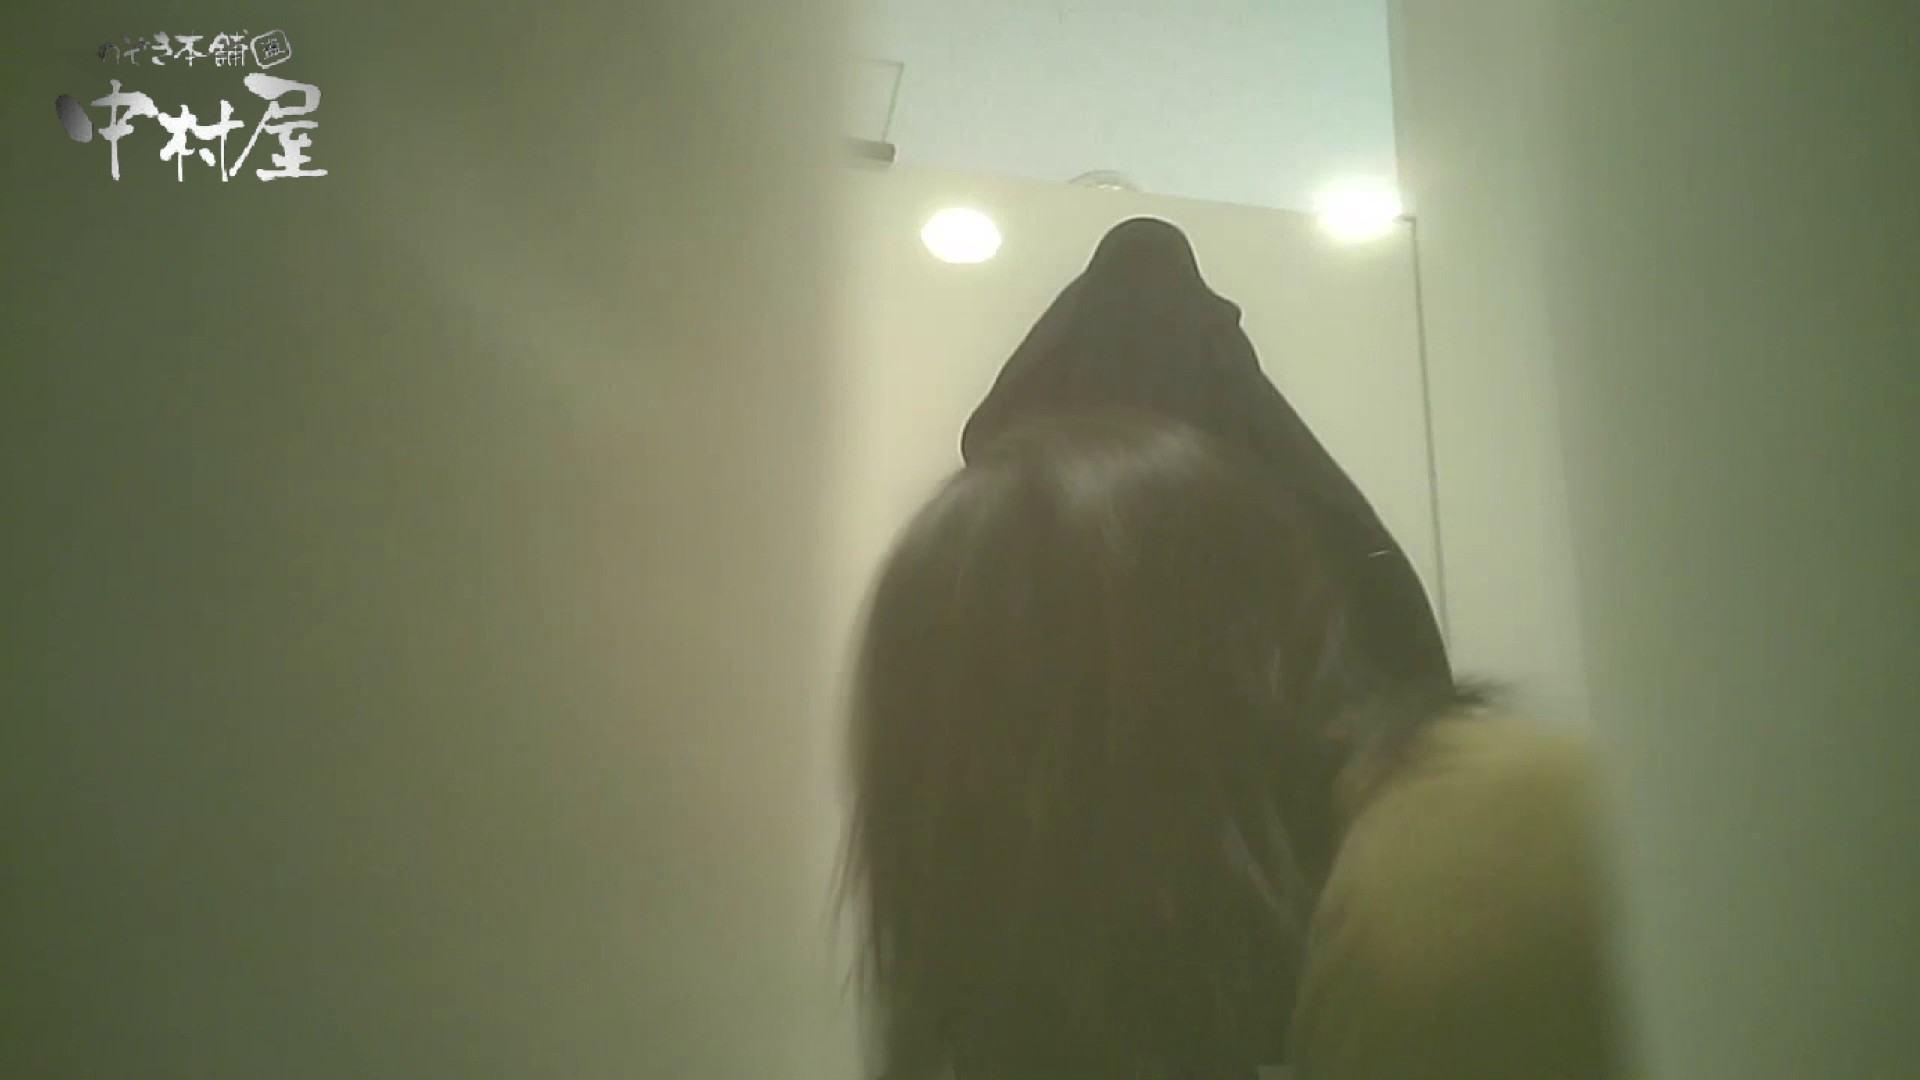 有名大学女性洗面所 vol.54 設置撮影最高峰!! 3視点でじっくり観察 0 | 0  65pic 5